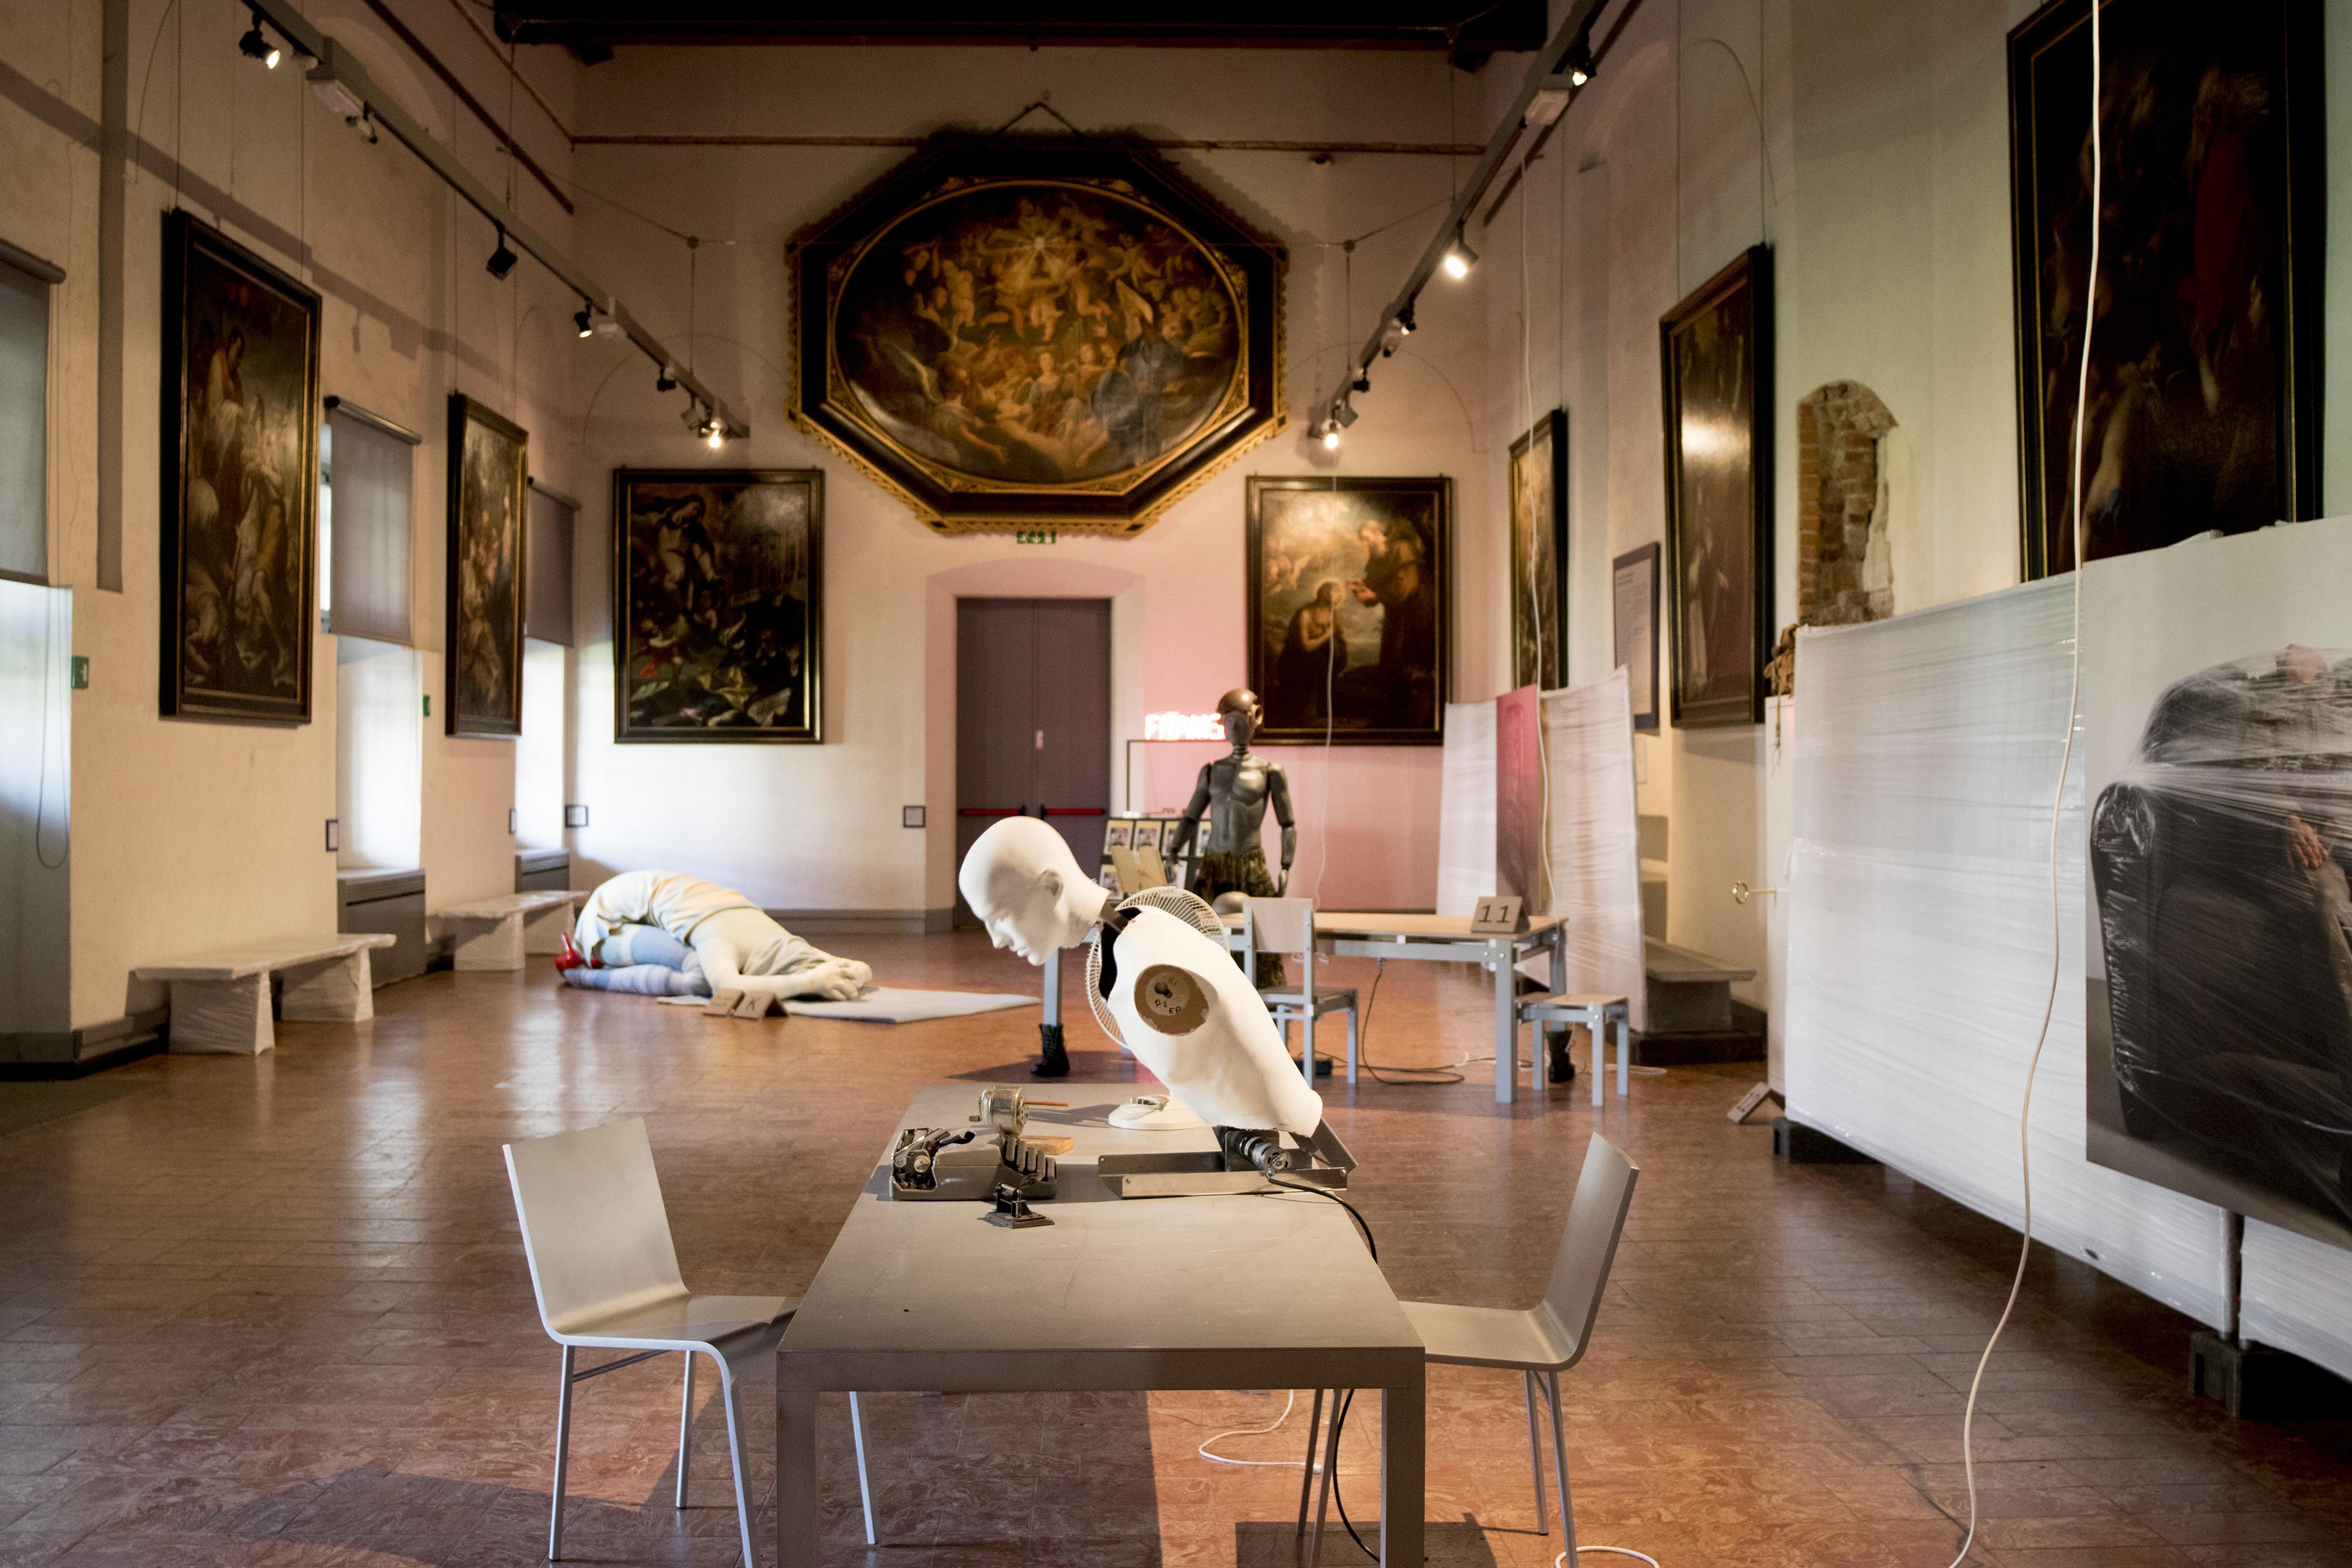 <p>Hans Lensvelt organiseerde dit jaar voor het eerste de presentatie 'Nothing New' in Museo Diocesano, met een mix van meubels van Joep van Lieshout en anderen uit de Lensvelt collectie. Beeld Cheryl Schurgers</p>